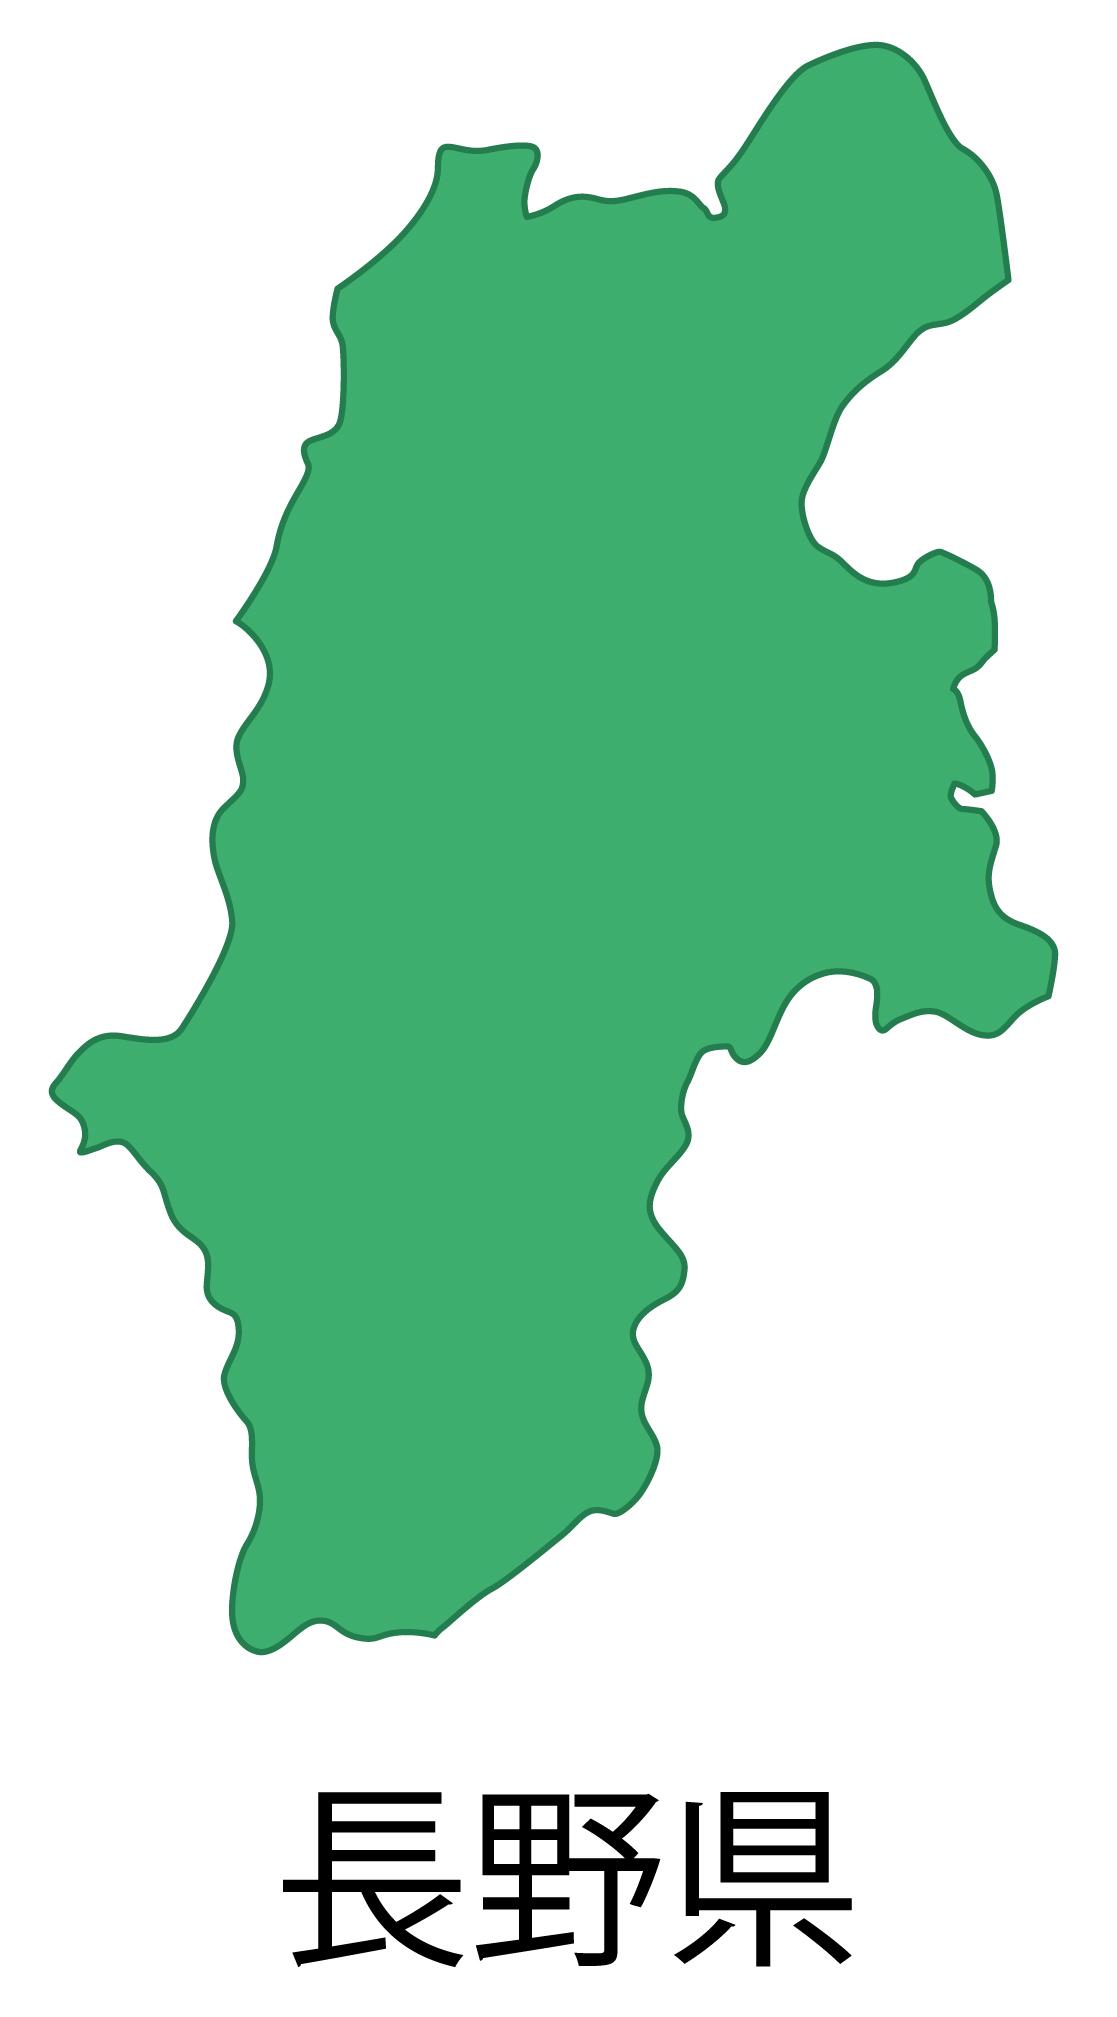 長野県無料フリーイラスト|日本語・都道府県名あり(緑)